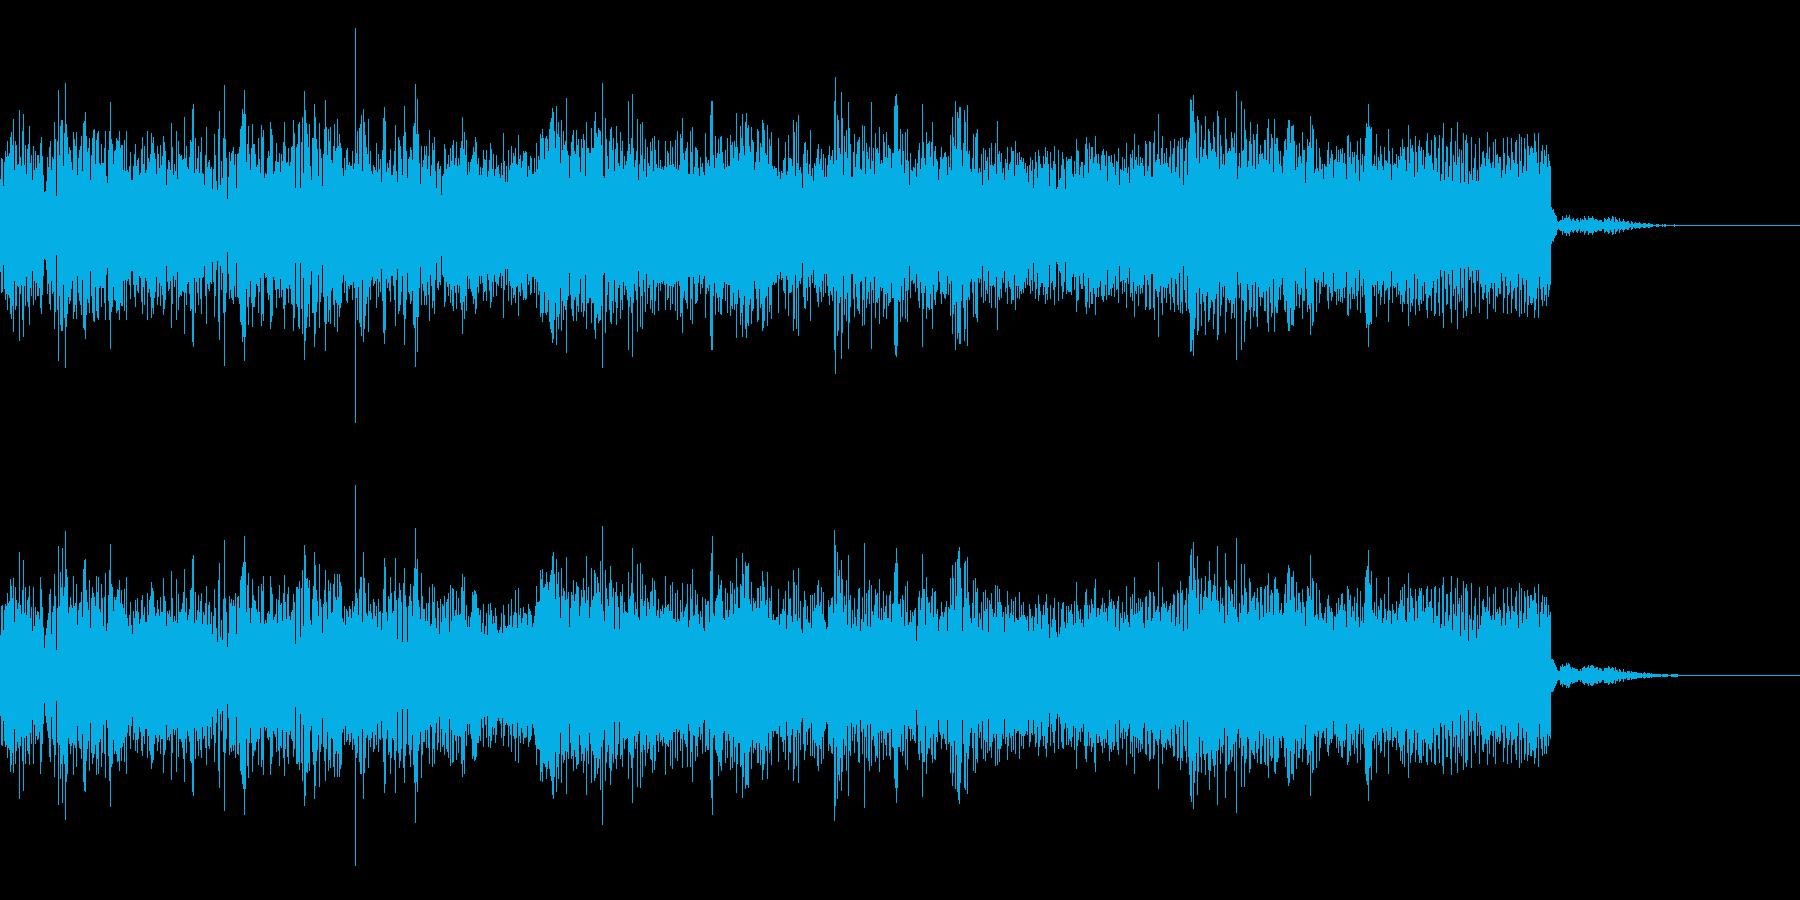 メタルなジングル 場面転換 CMインの再生済みの波形